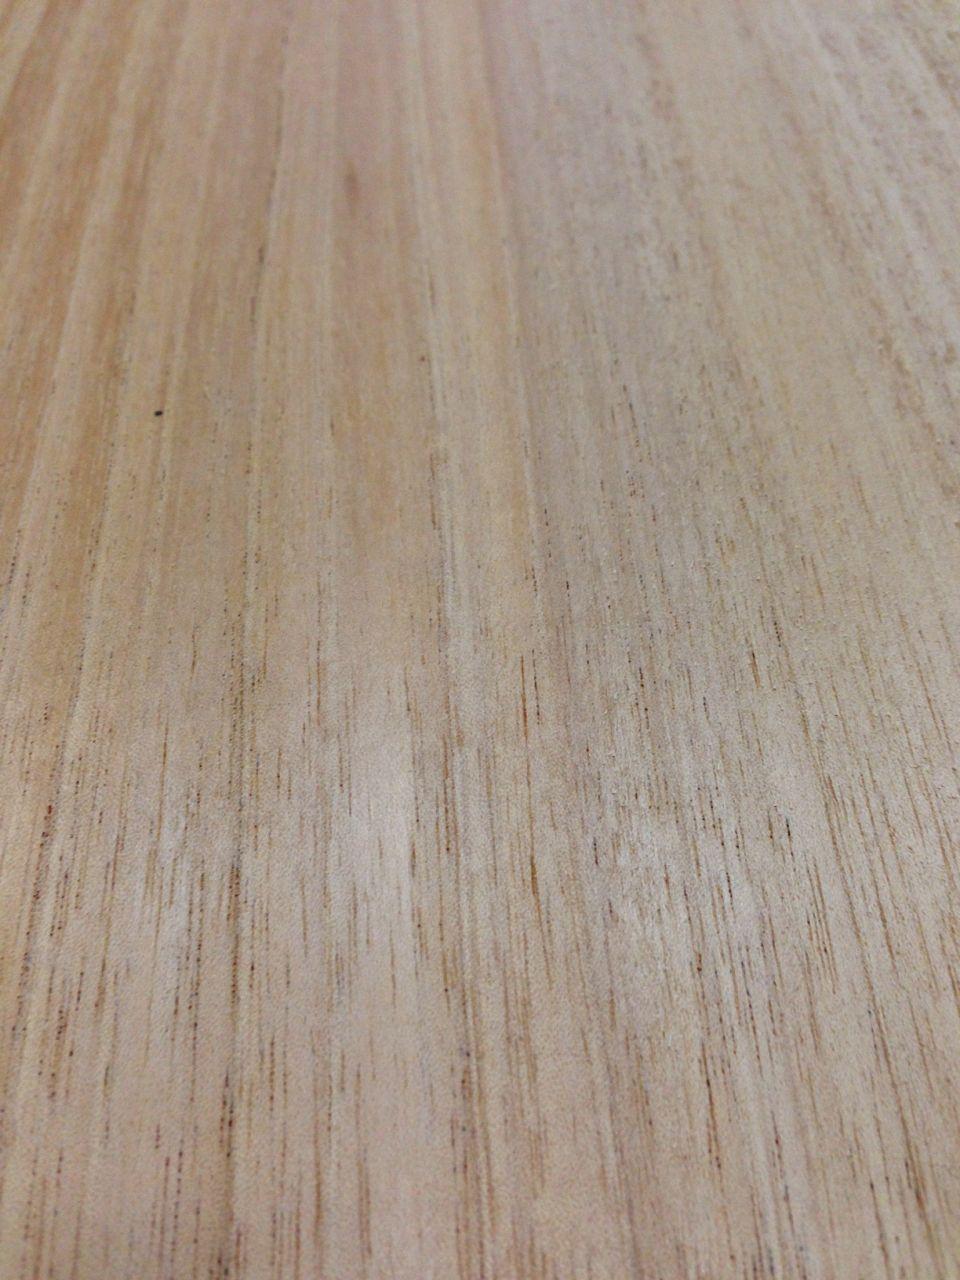 İspanyol Sediri Ağacı 15cmx48cmx3mm